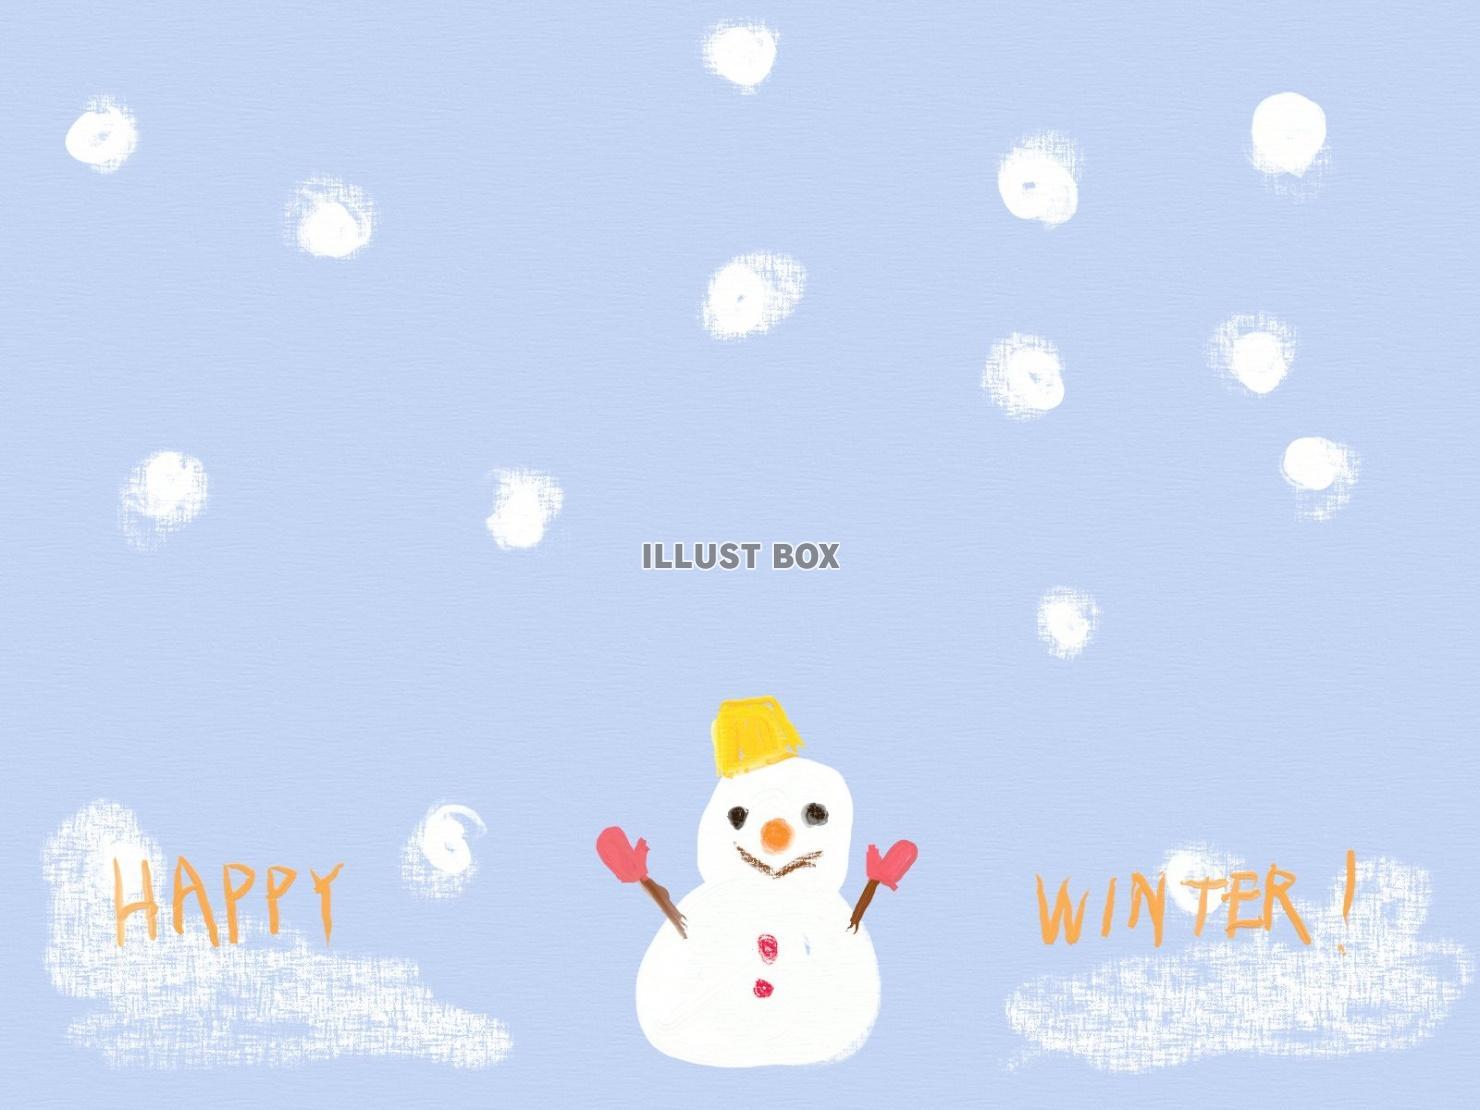 無料イラスト 雪だるまの冬